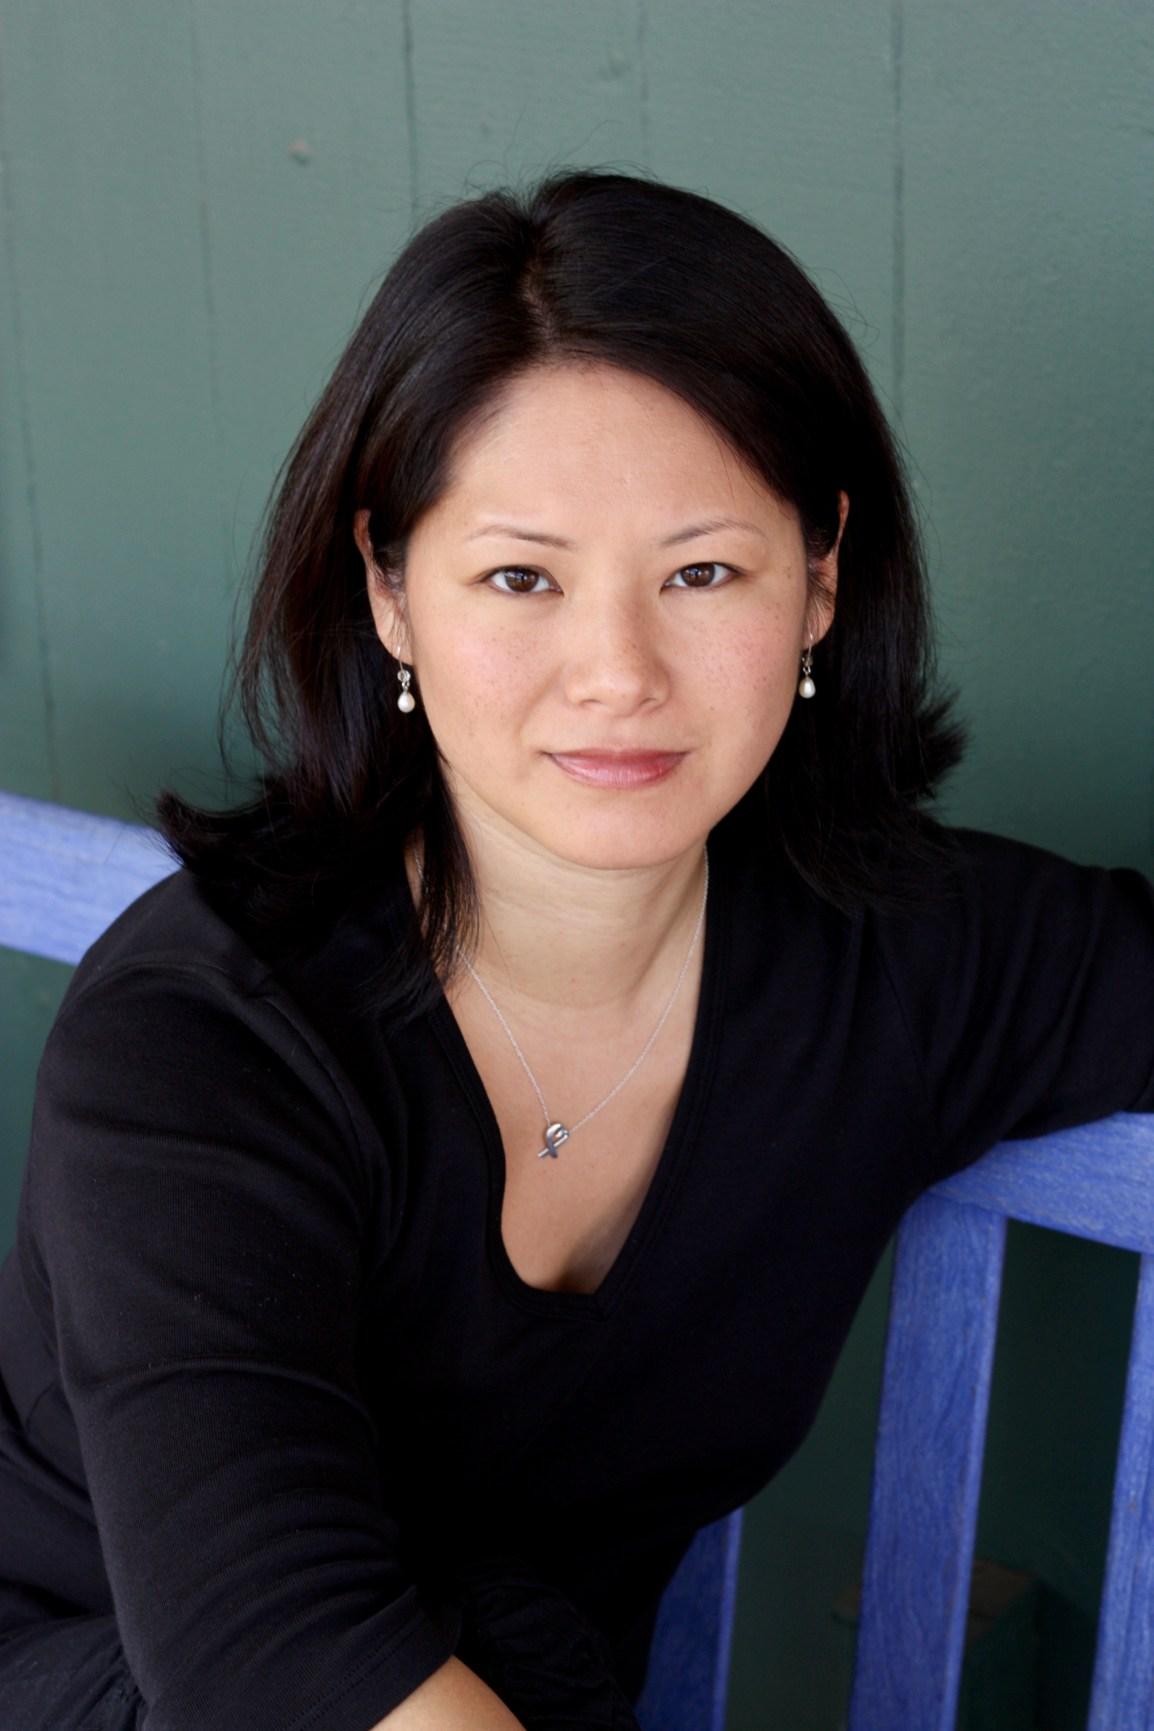 Darien Hsu Gee